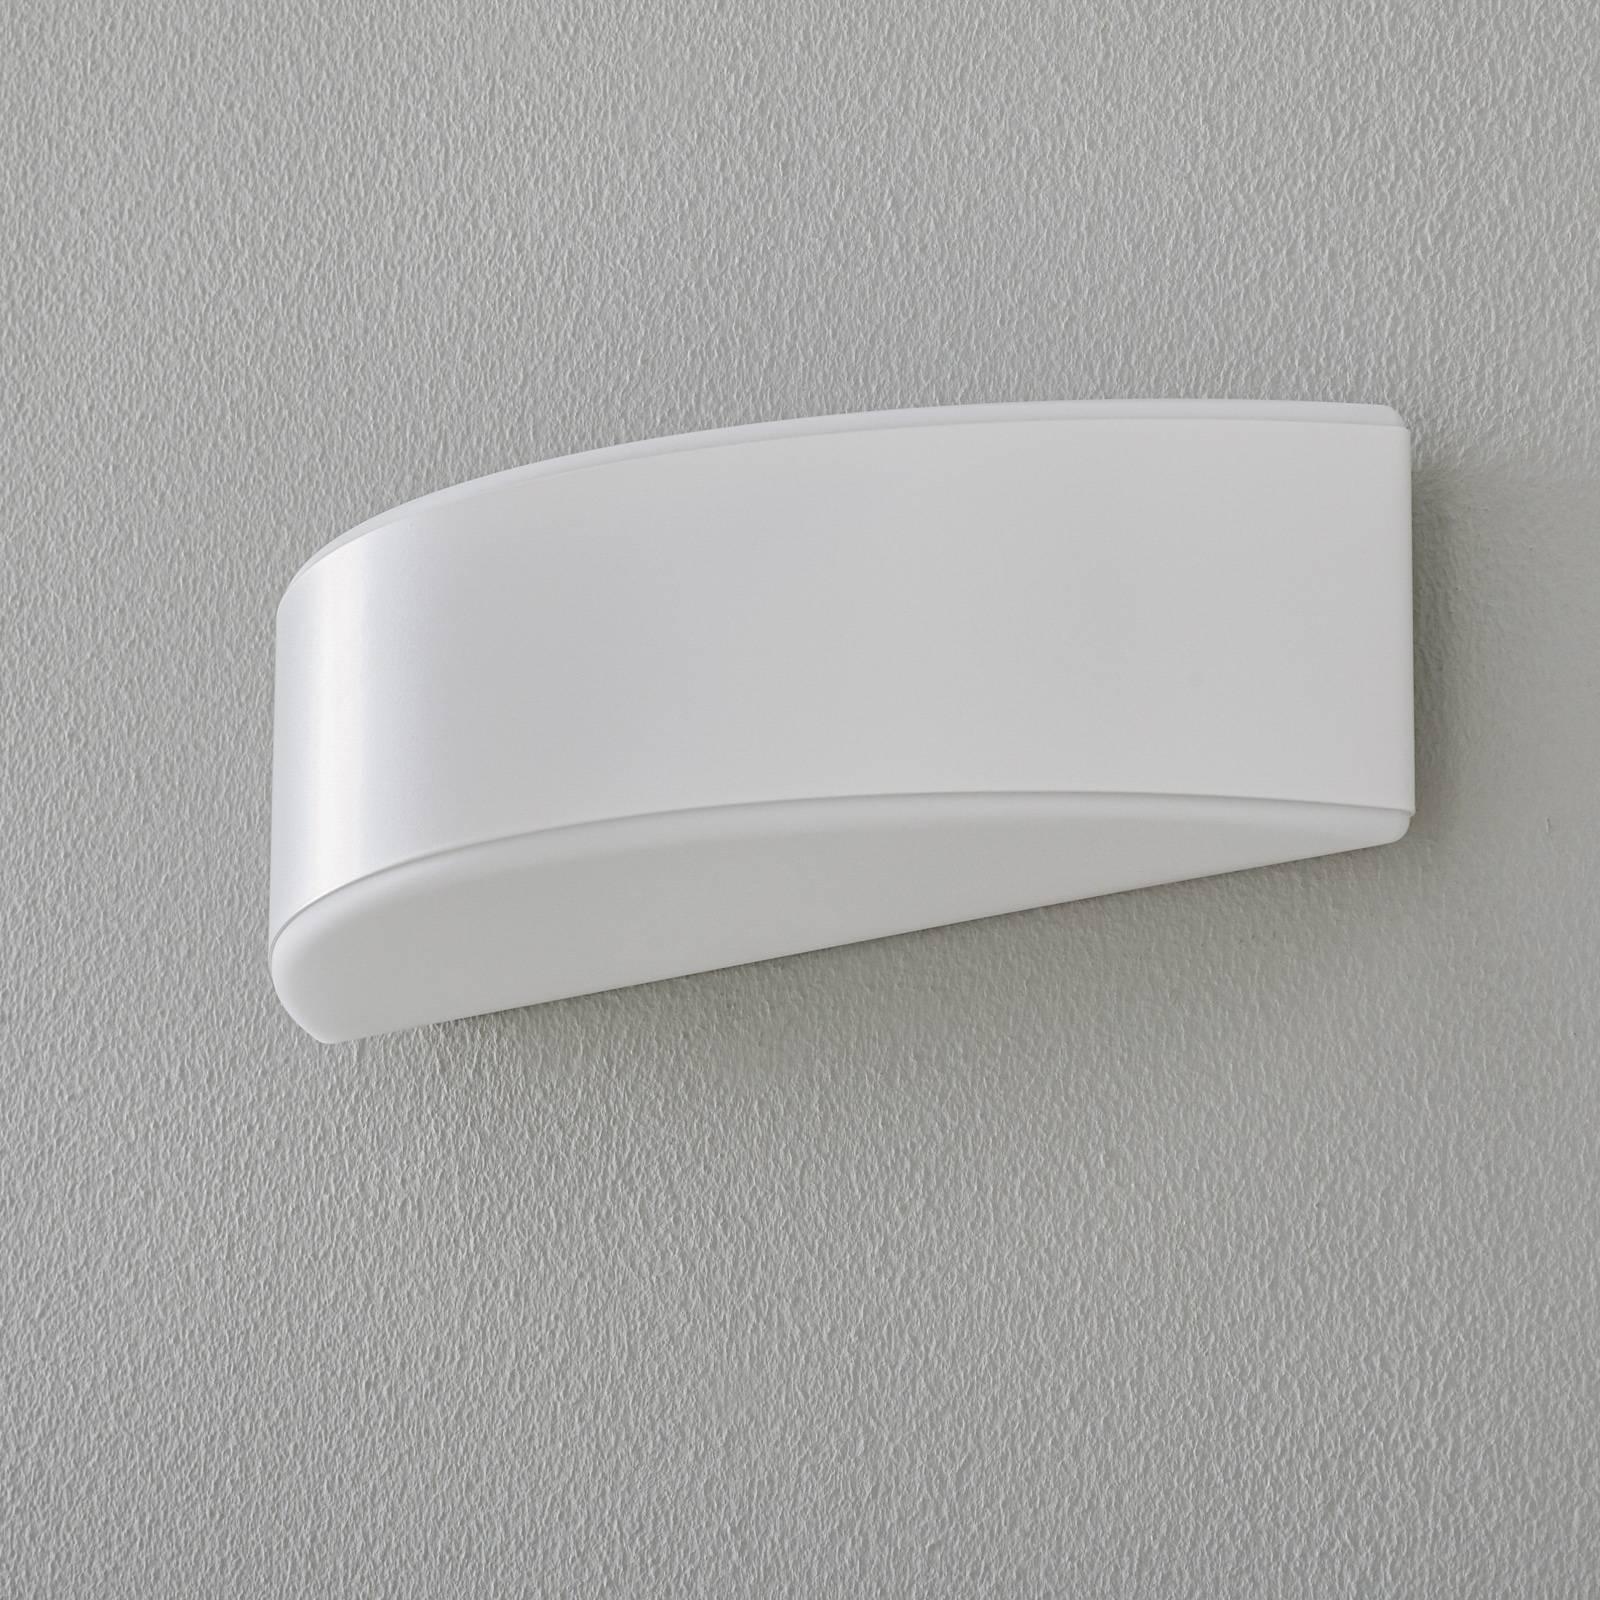 BEGA Prima Wandleuchte Blende weiß 35,4cm